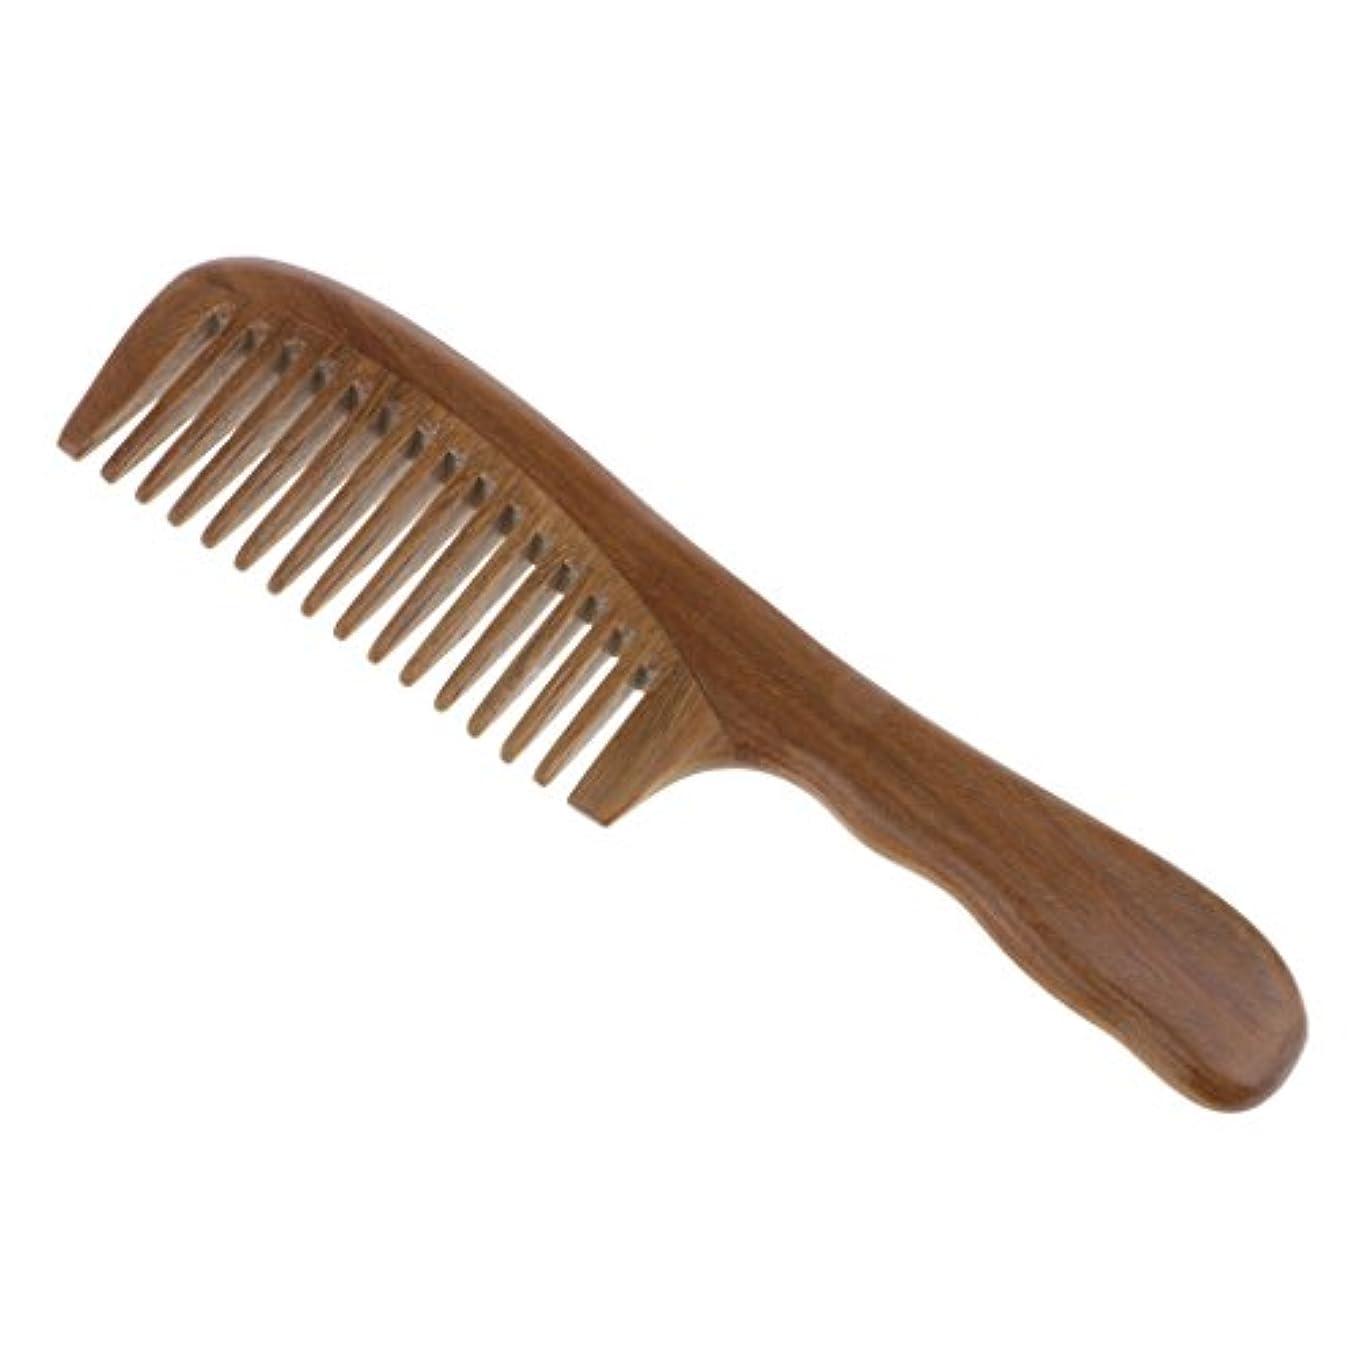 十二合意絶対のToygogo コーム 帯電防止 木製 くし ヘアコーム ヘアケア 静電気防止 2タイプ選べる - 広い歯